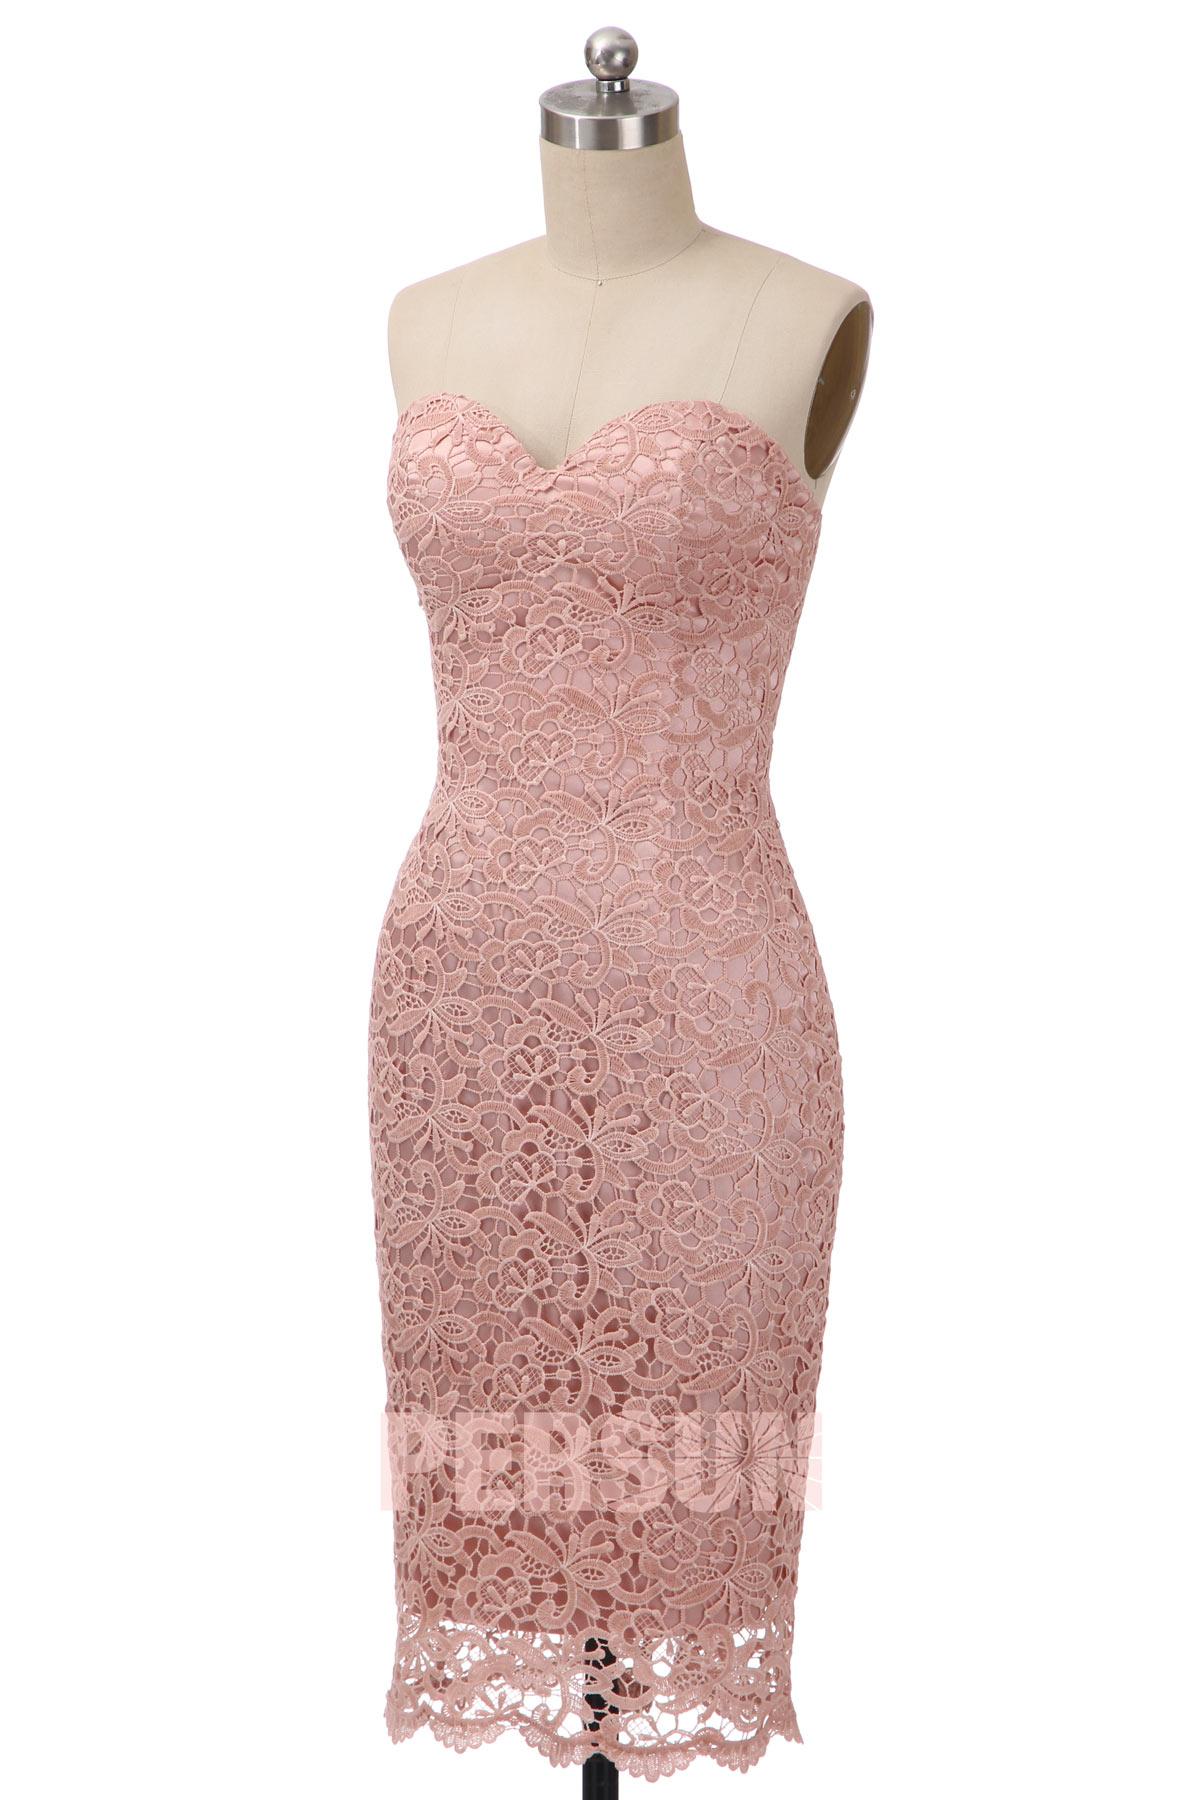 robe de soirée courte rose moulante bustier coeur en dentelle florale